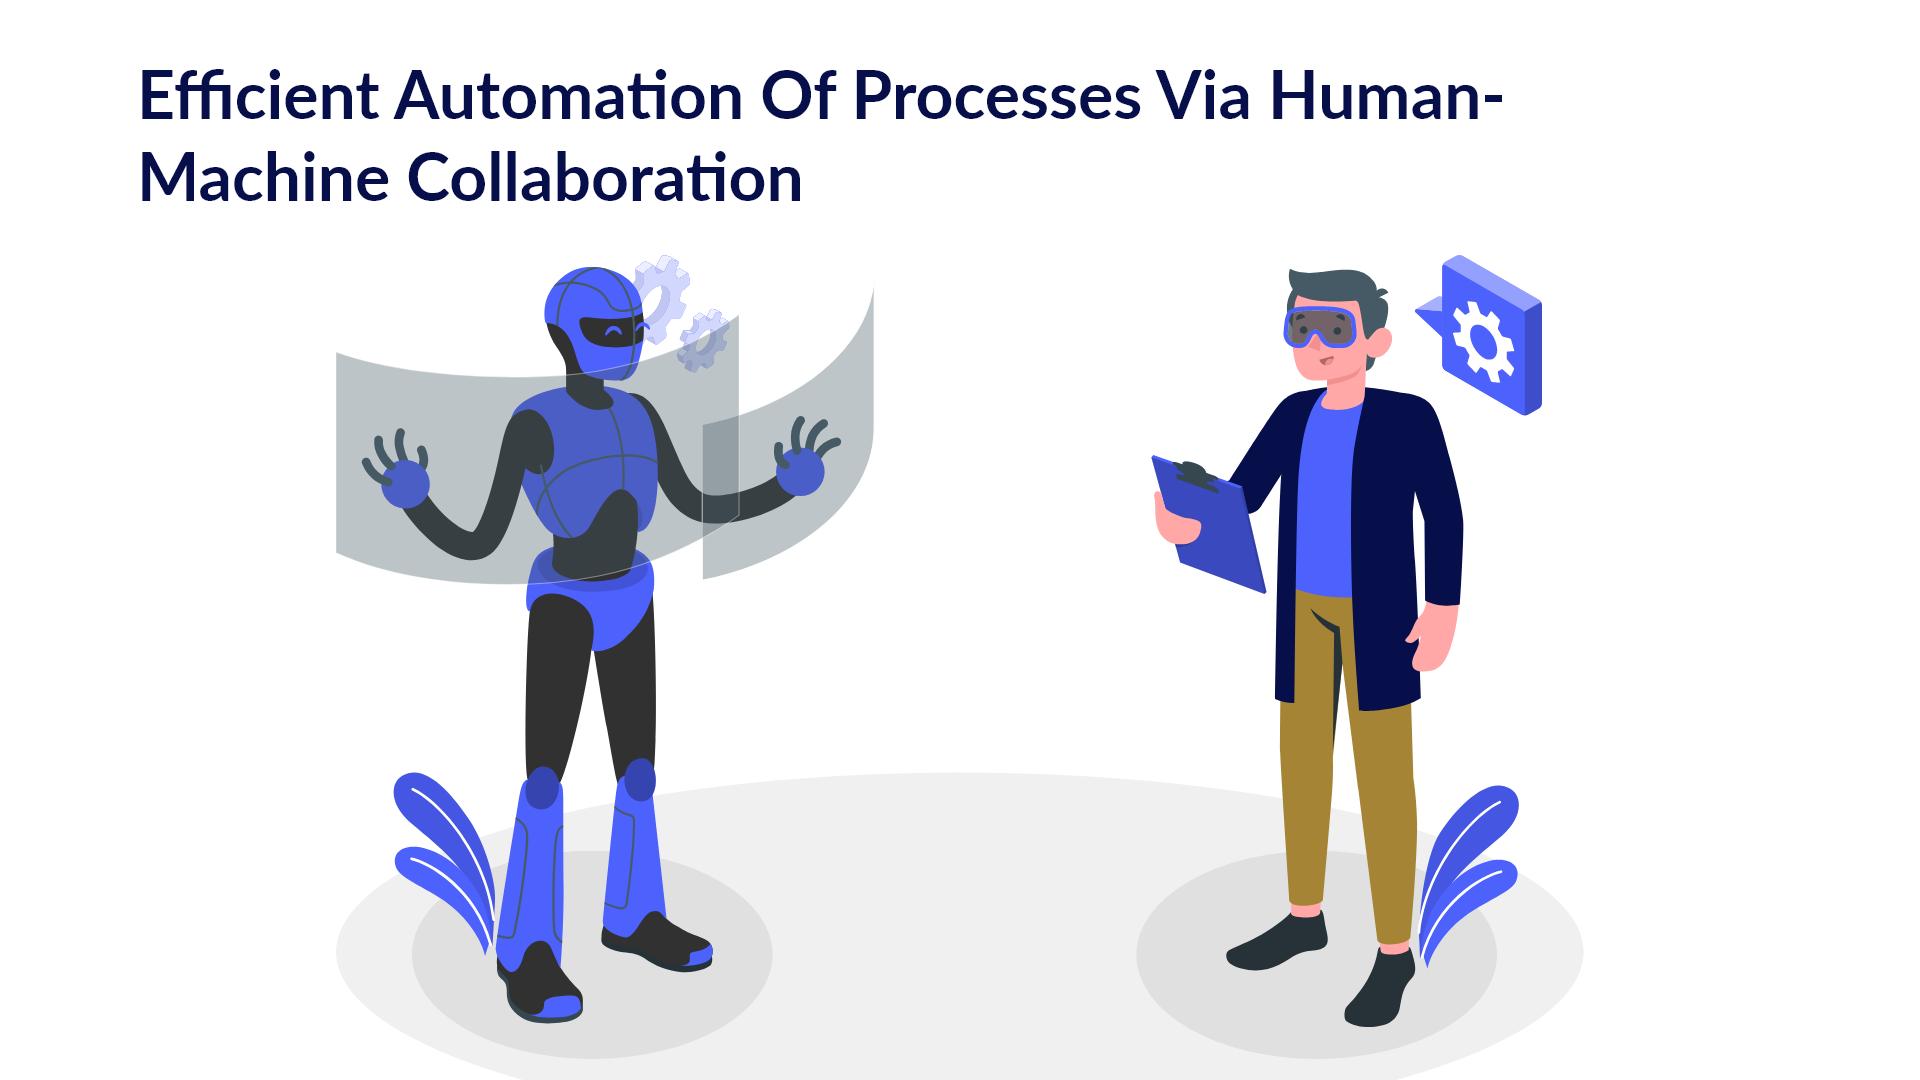 Efficient Automation of Processes via Human-Machine Collaboration for Enterprises